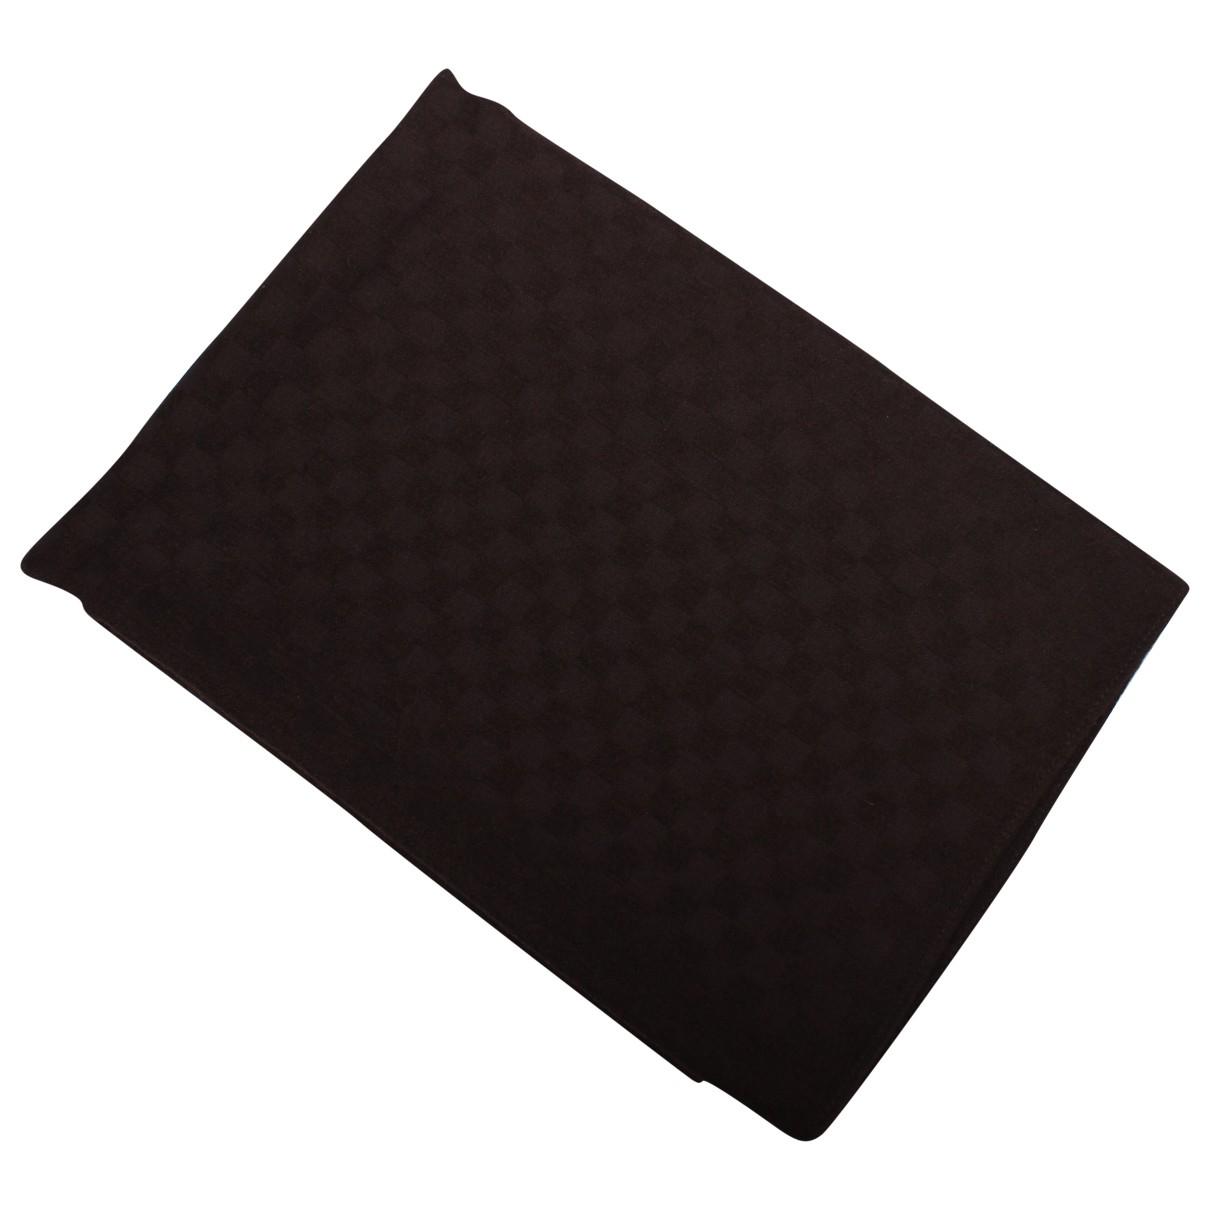 Louis Vuitton - Foulard Chale Monogram pour femme en soie - marron